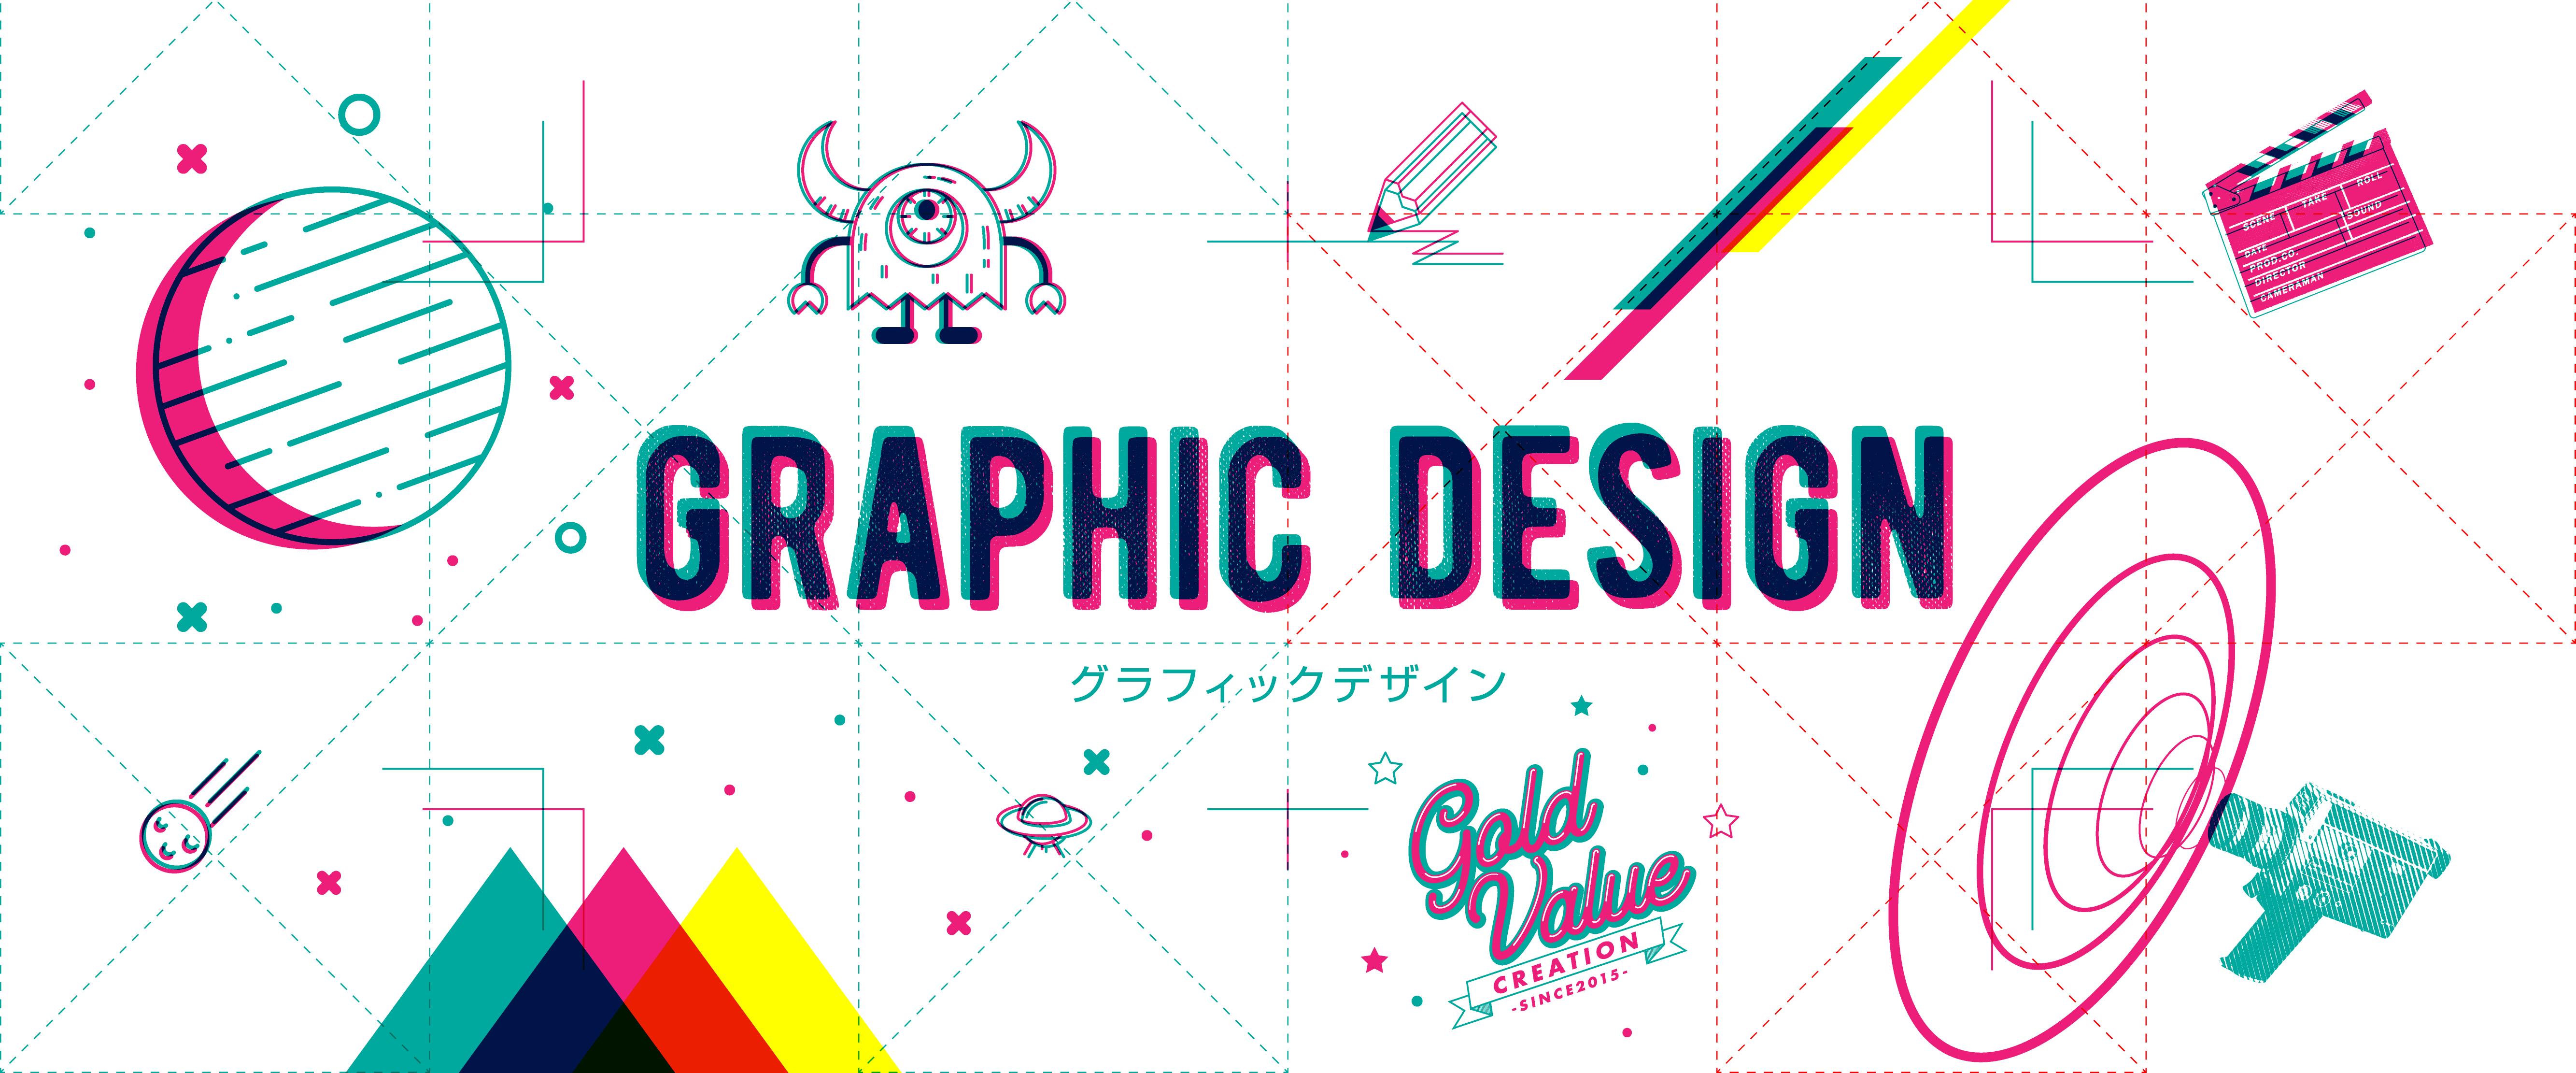 <p>ゴールドバリュークリエーションではロゴやキャラクターの制作、 フライヤーや広報誌などの紙媒体のデザイン・制作、テレビやラジオのCMの制作も承っています。 ロゴ制作 ロゴは企業・店舗・商品やサービスなどの第一印象を決める重 […]</p>